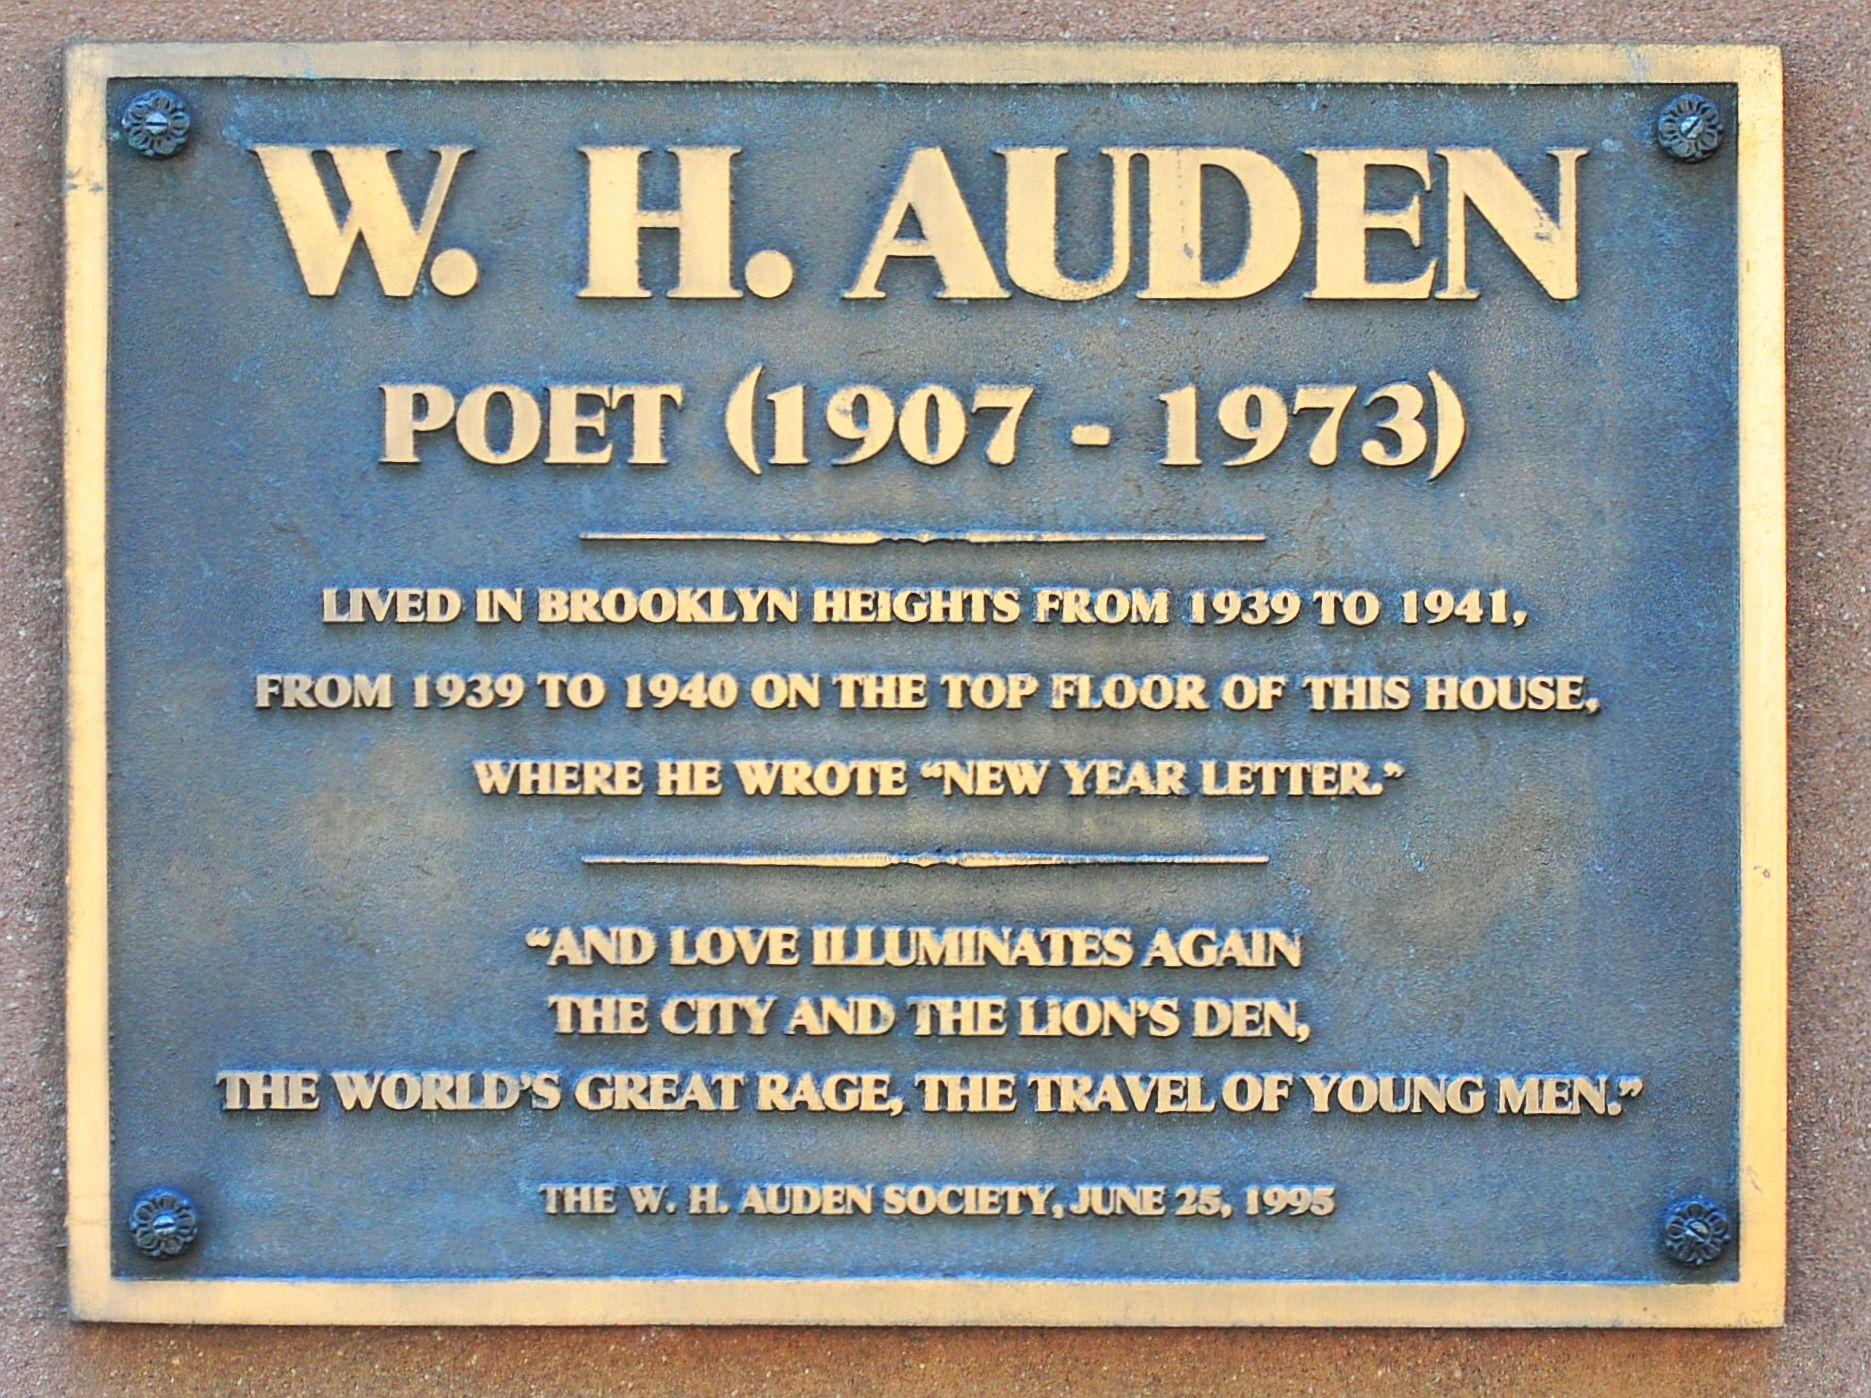 Placa conmemorativa en una de las casas de Auden en Brooklyn Heights, Nueva York